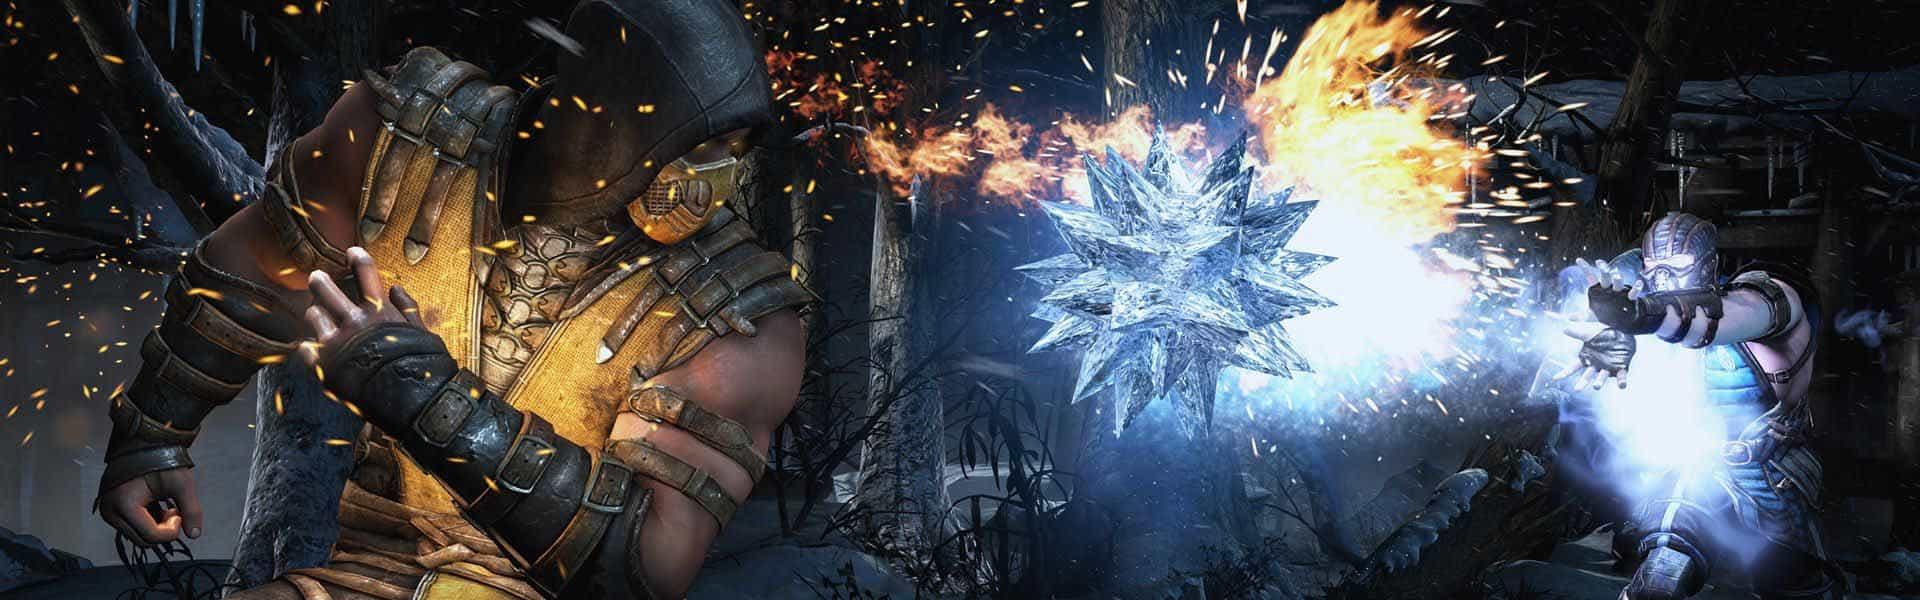 Mortal Kombat 11 Release Date, News, Trailer, and Rumors